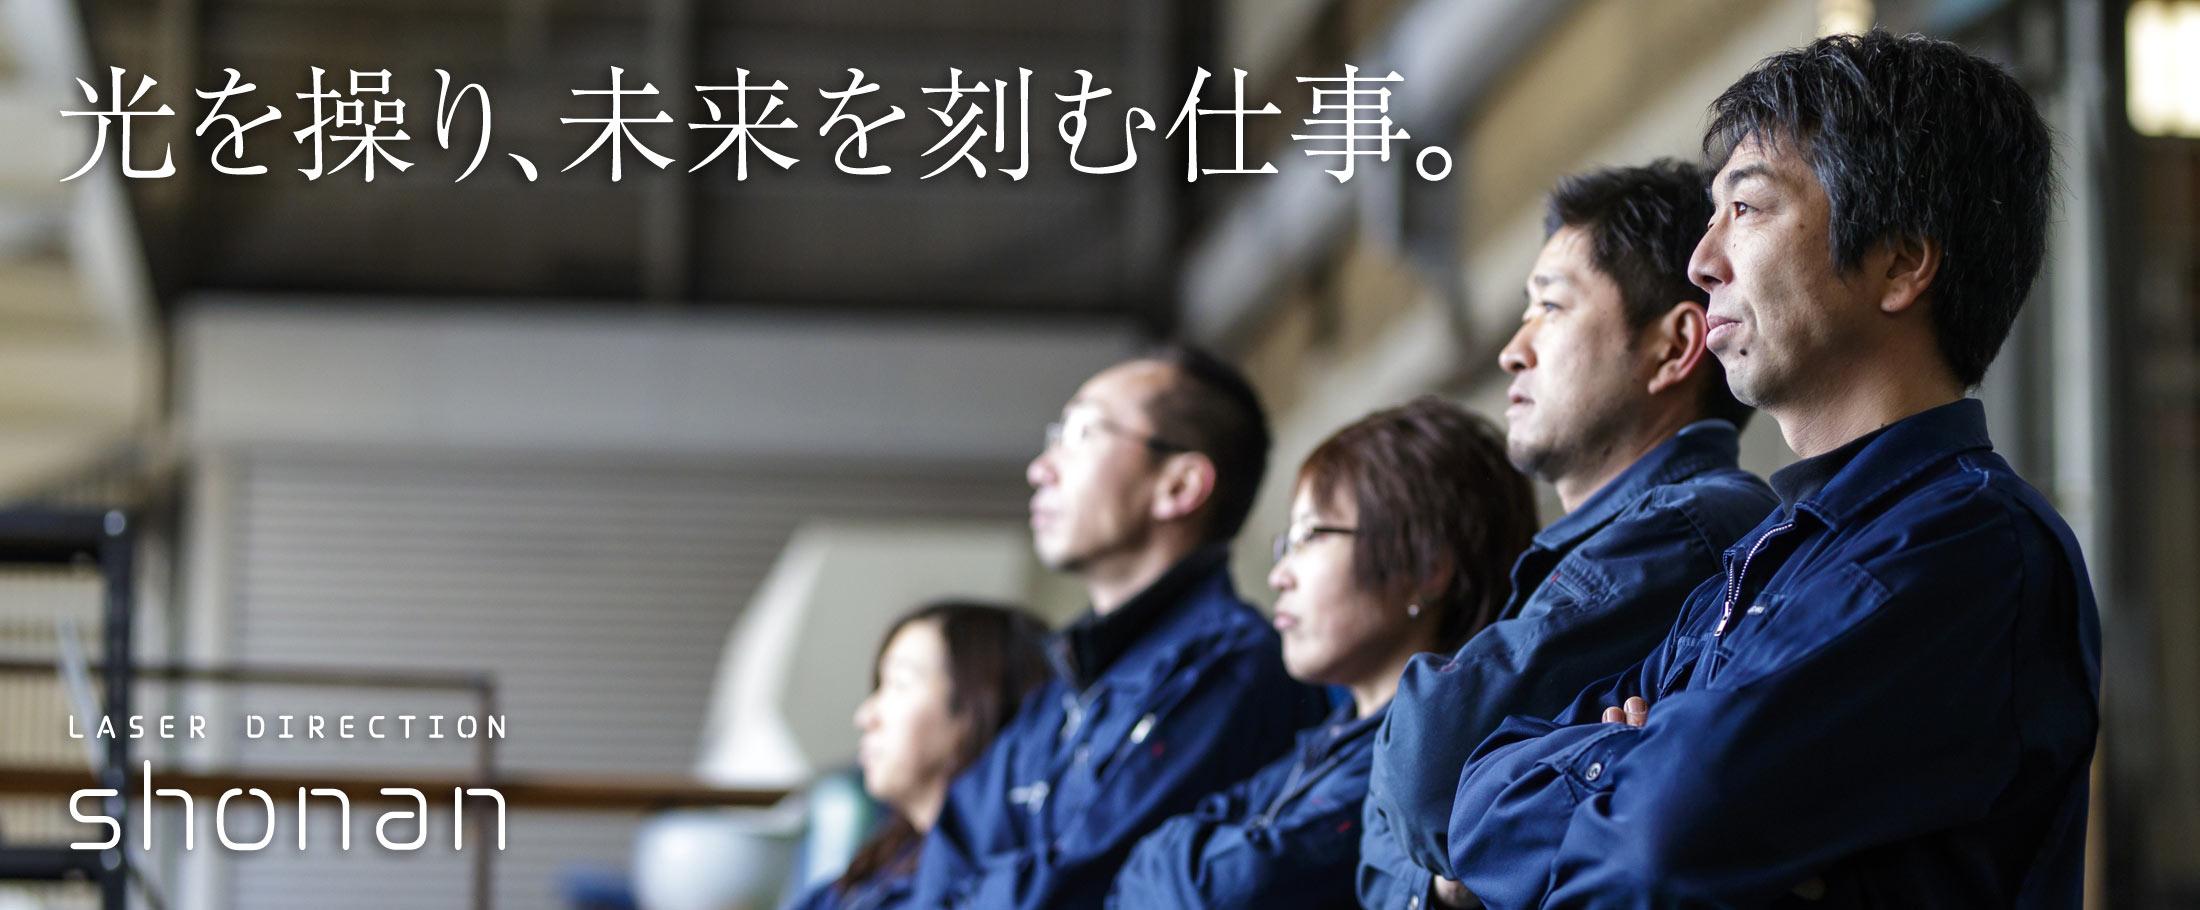 翔南産業のリクルーティングサイト